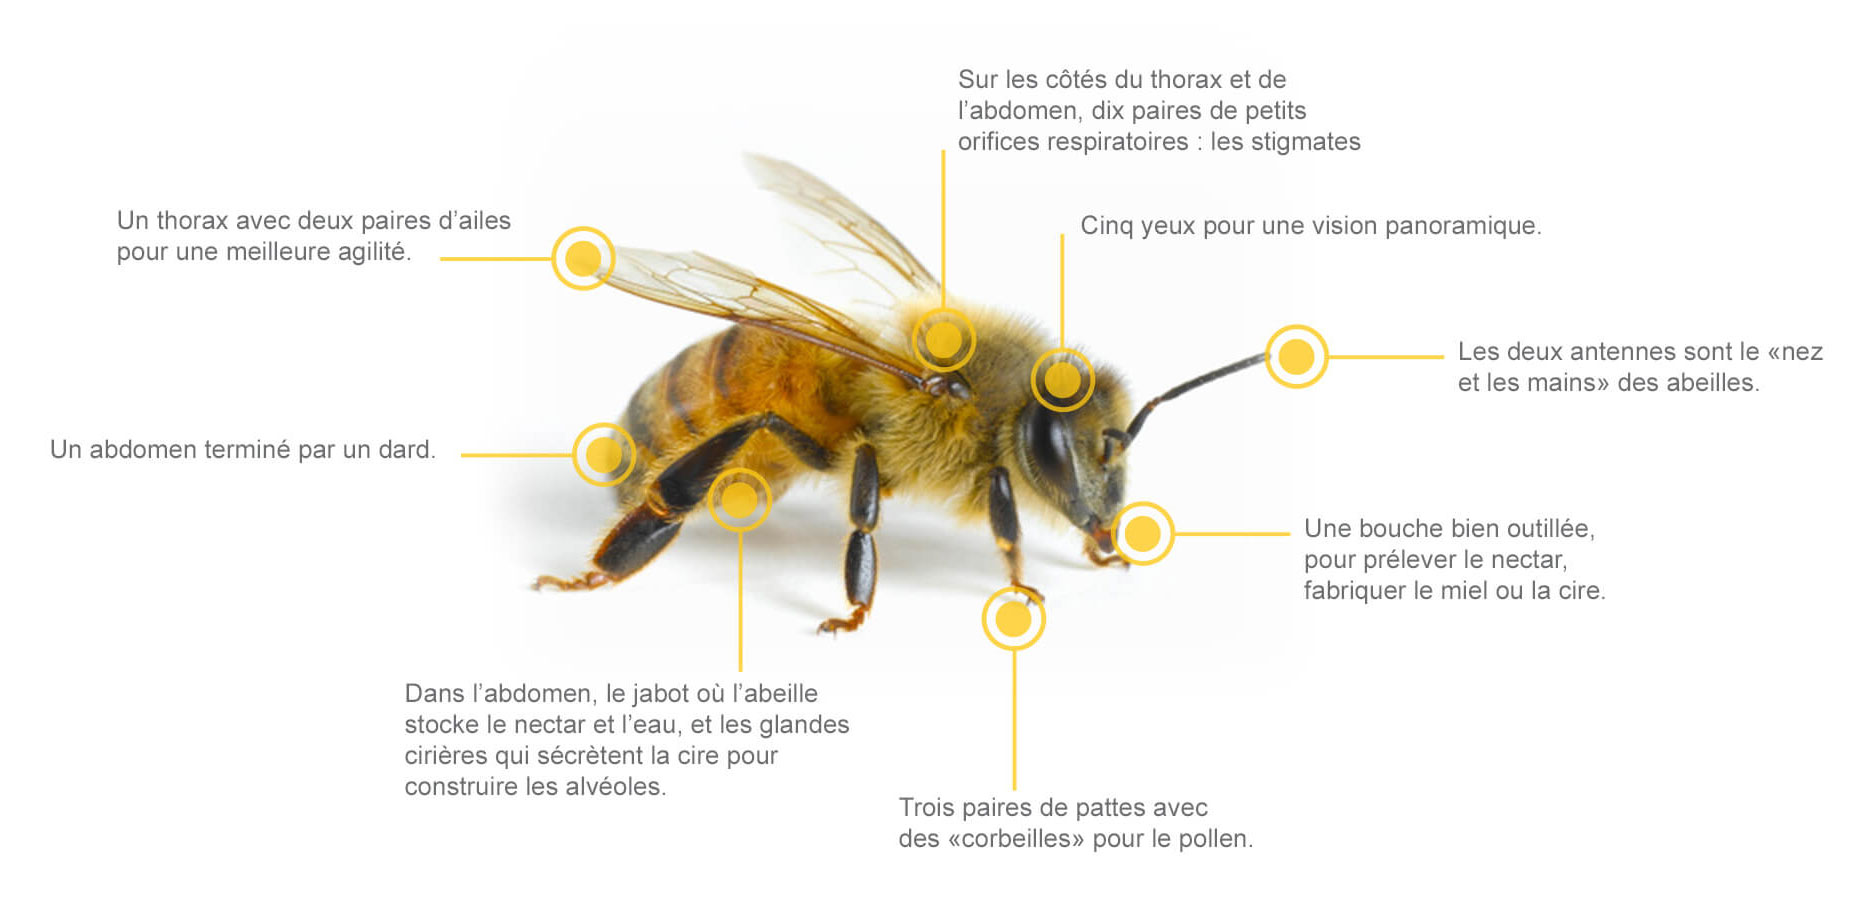 Les habitants de la ruche